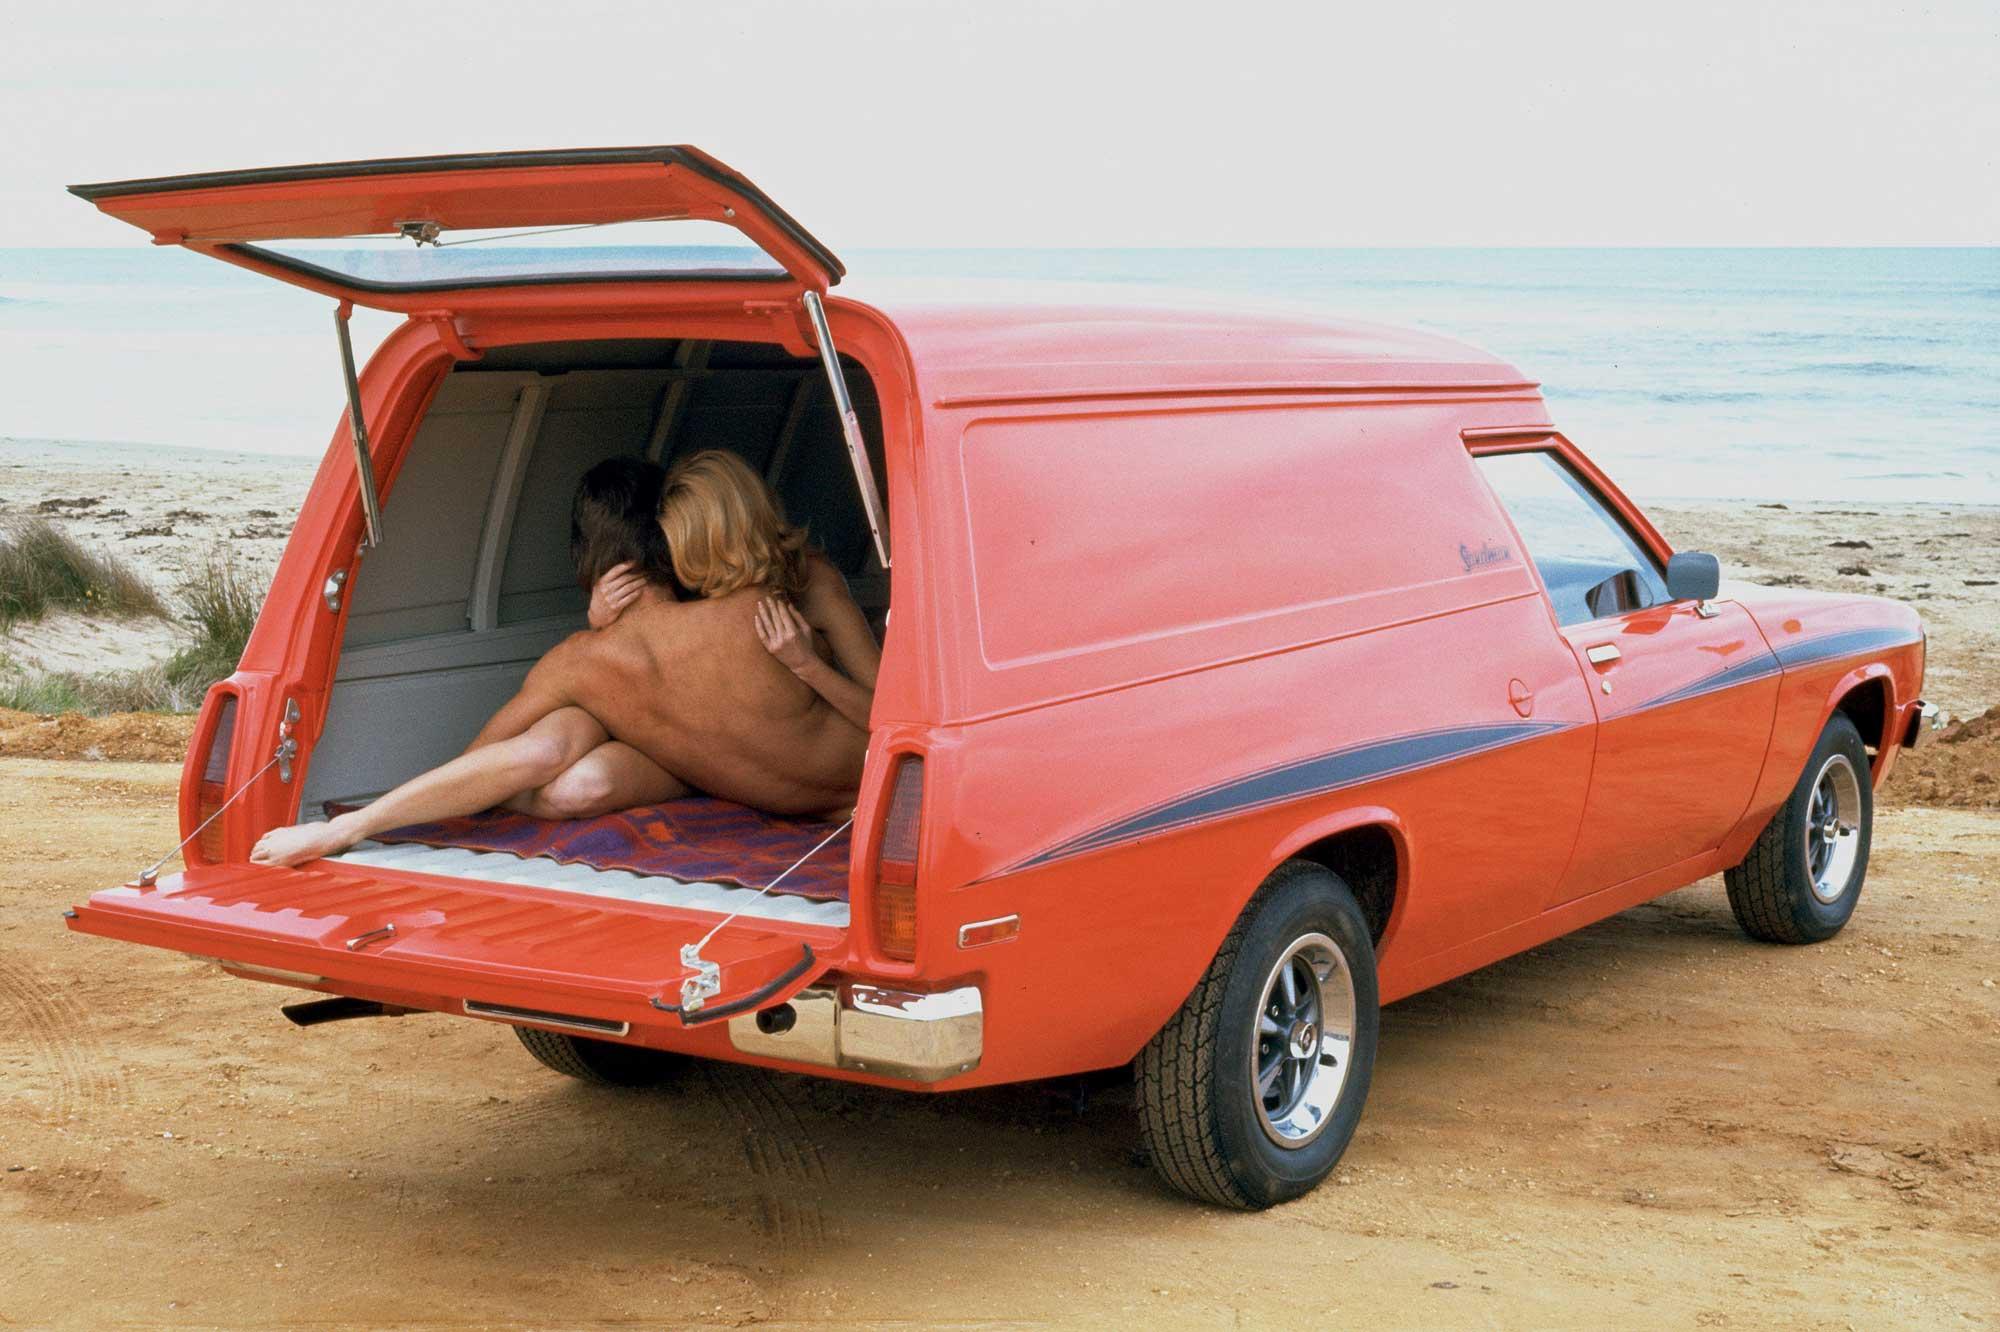 Das Original war in den 70ern der Traum aller Heranwachsenden und der Alptraum aller Eltern.